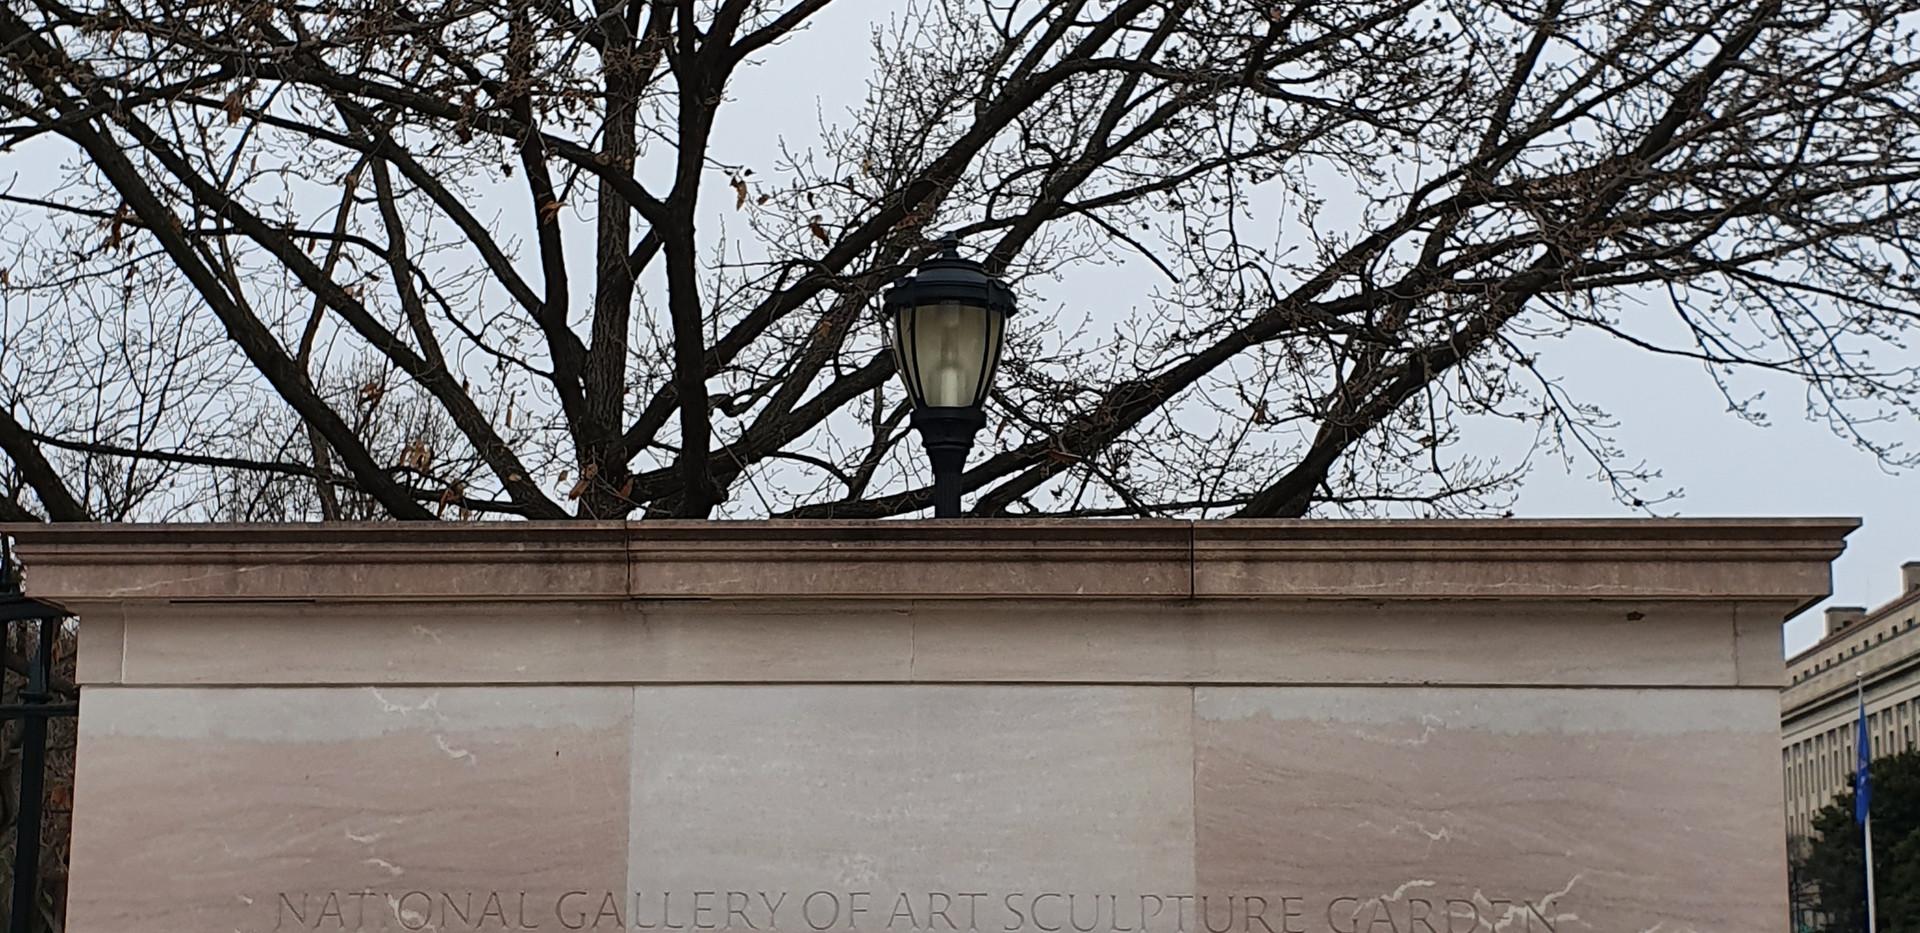 National Gallery of Art – Sculpture Garden